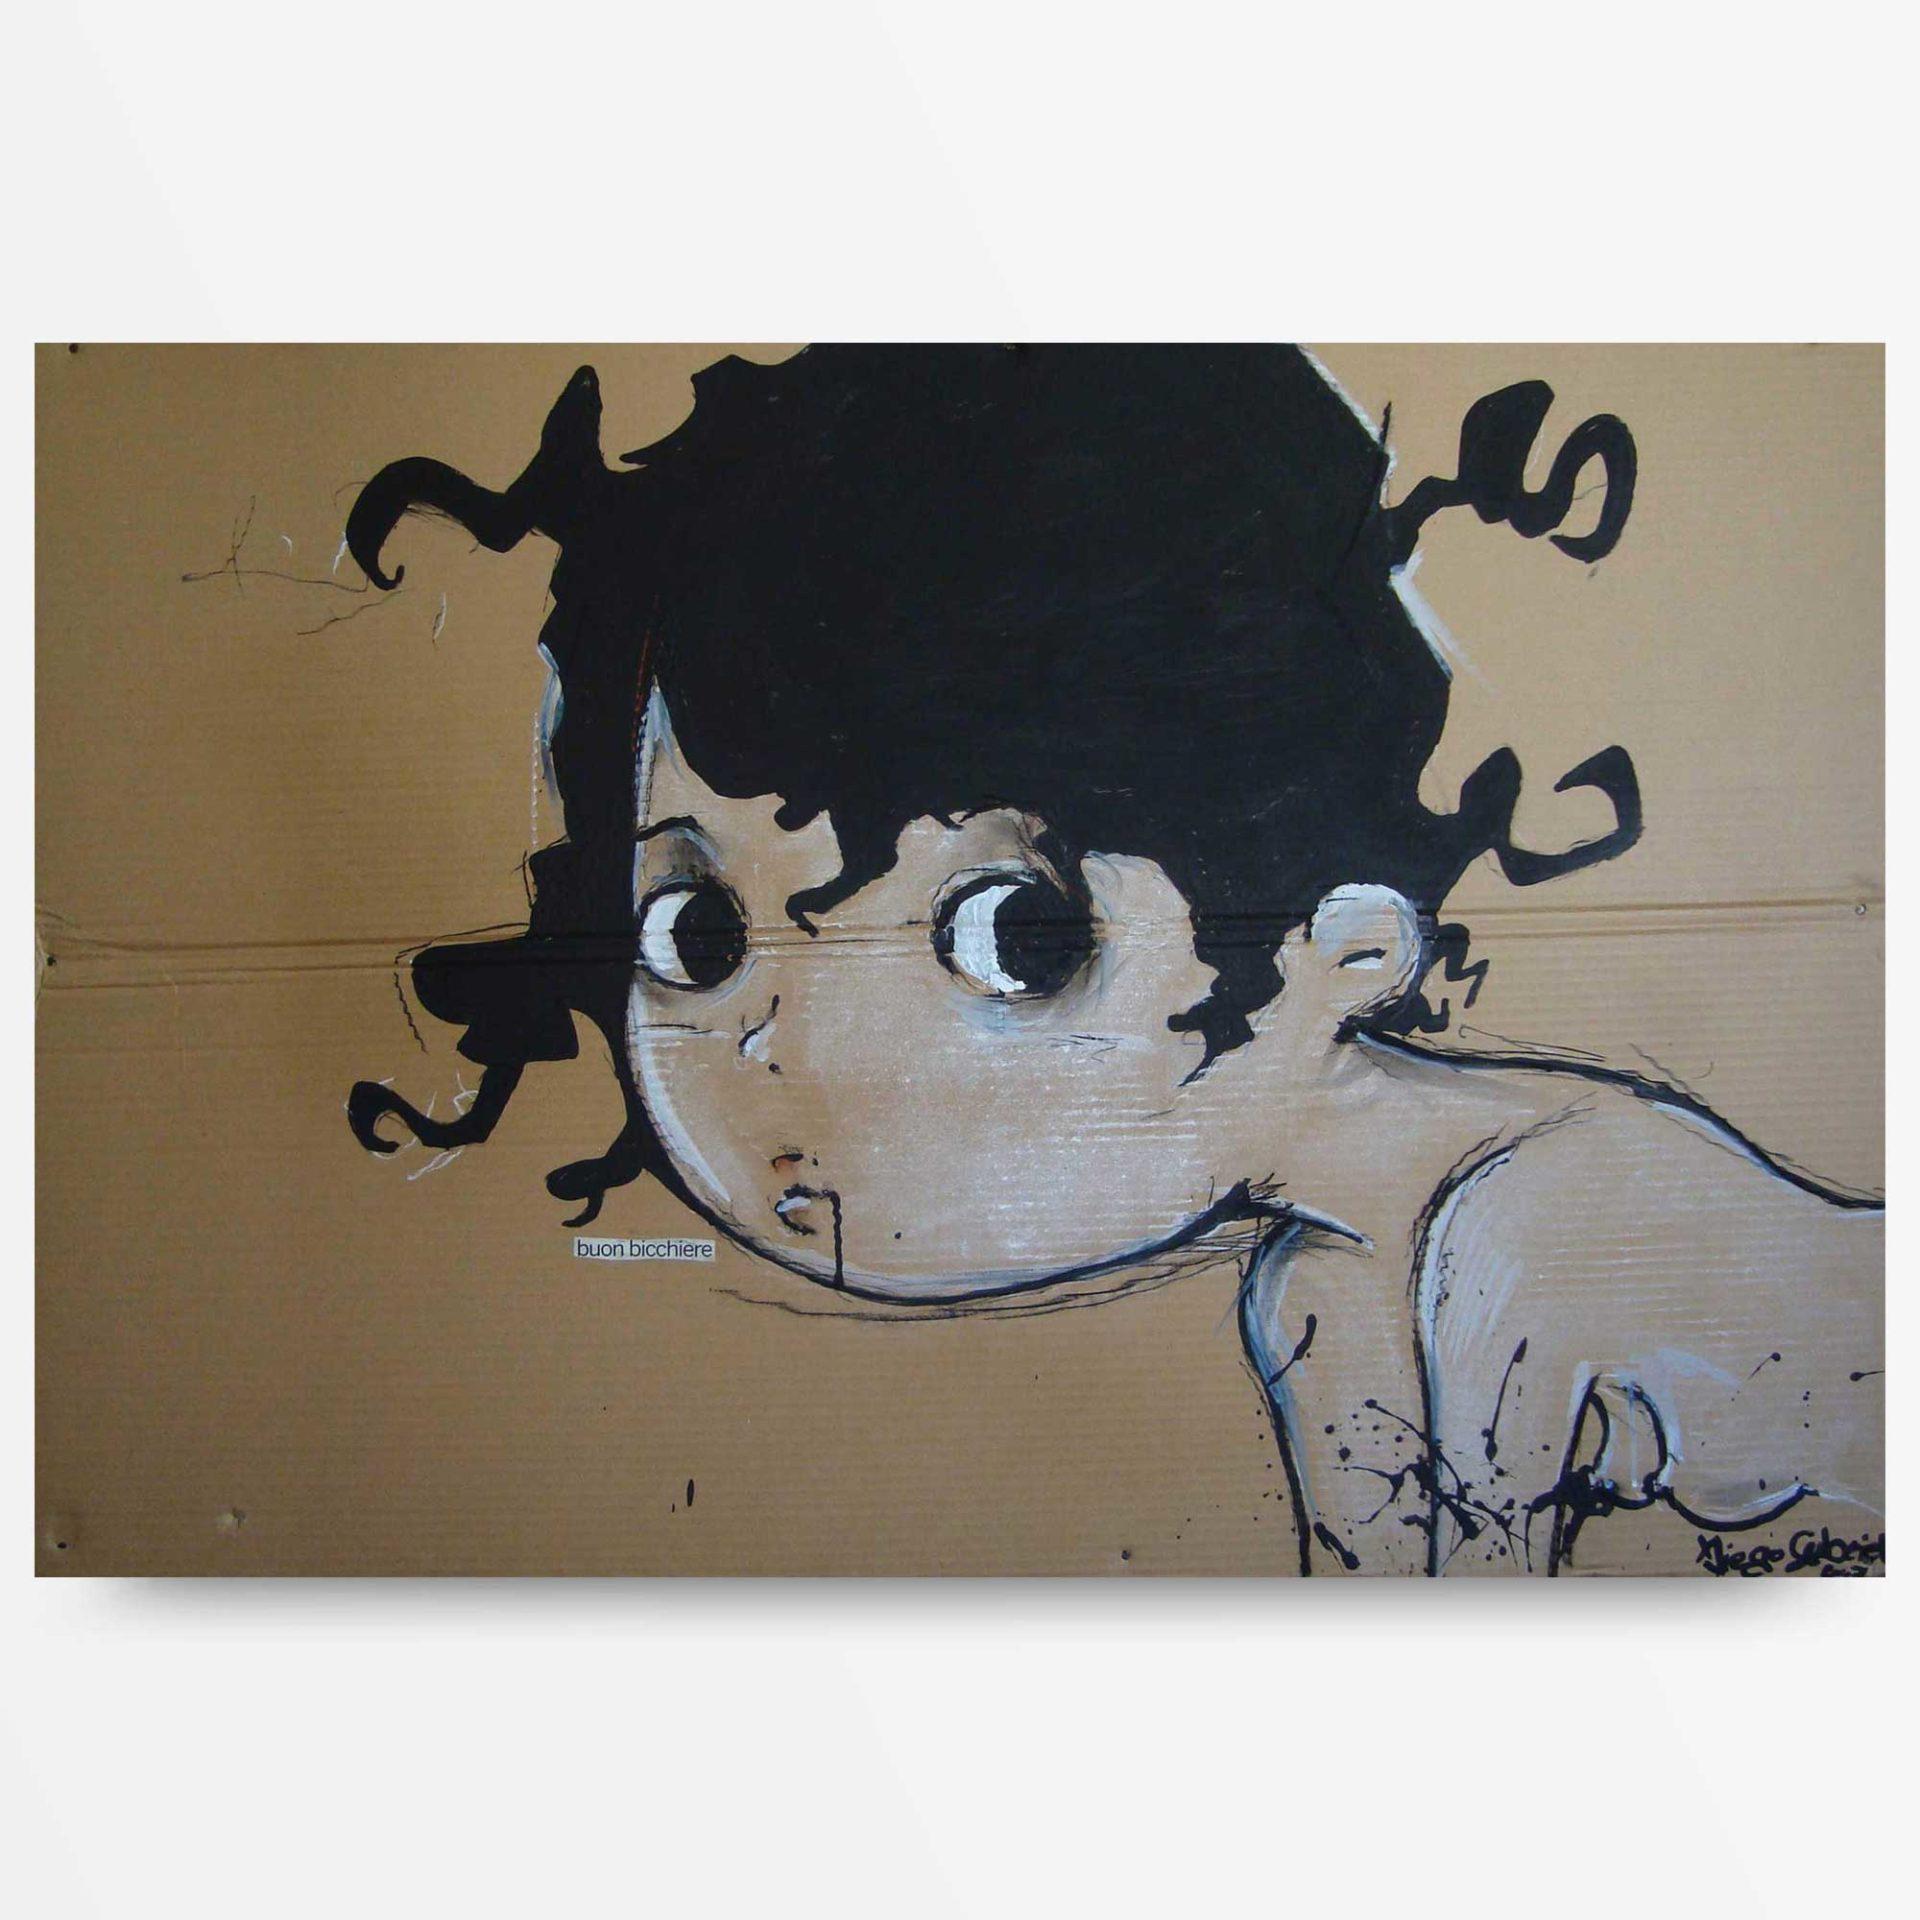 lowbrow art un buon bicchiere quadro ad acrilico Diego Gabriele